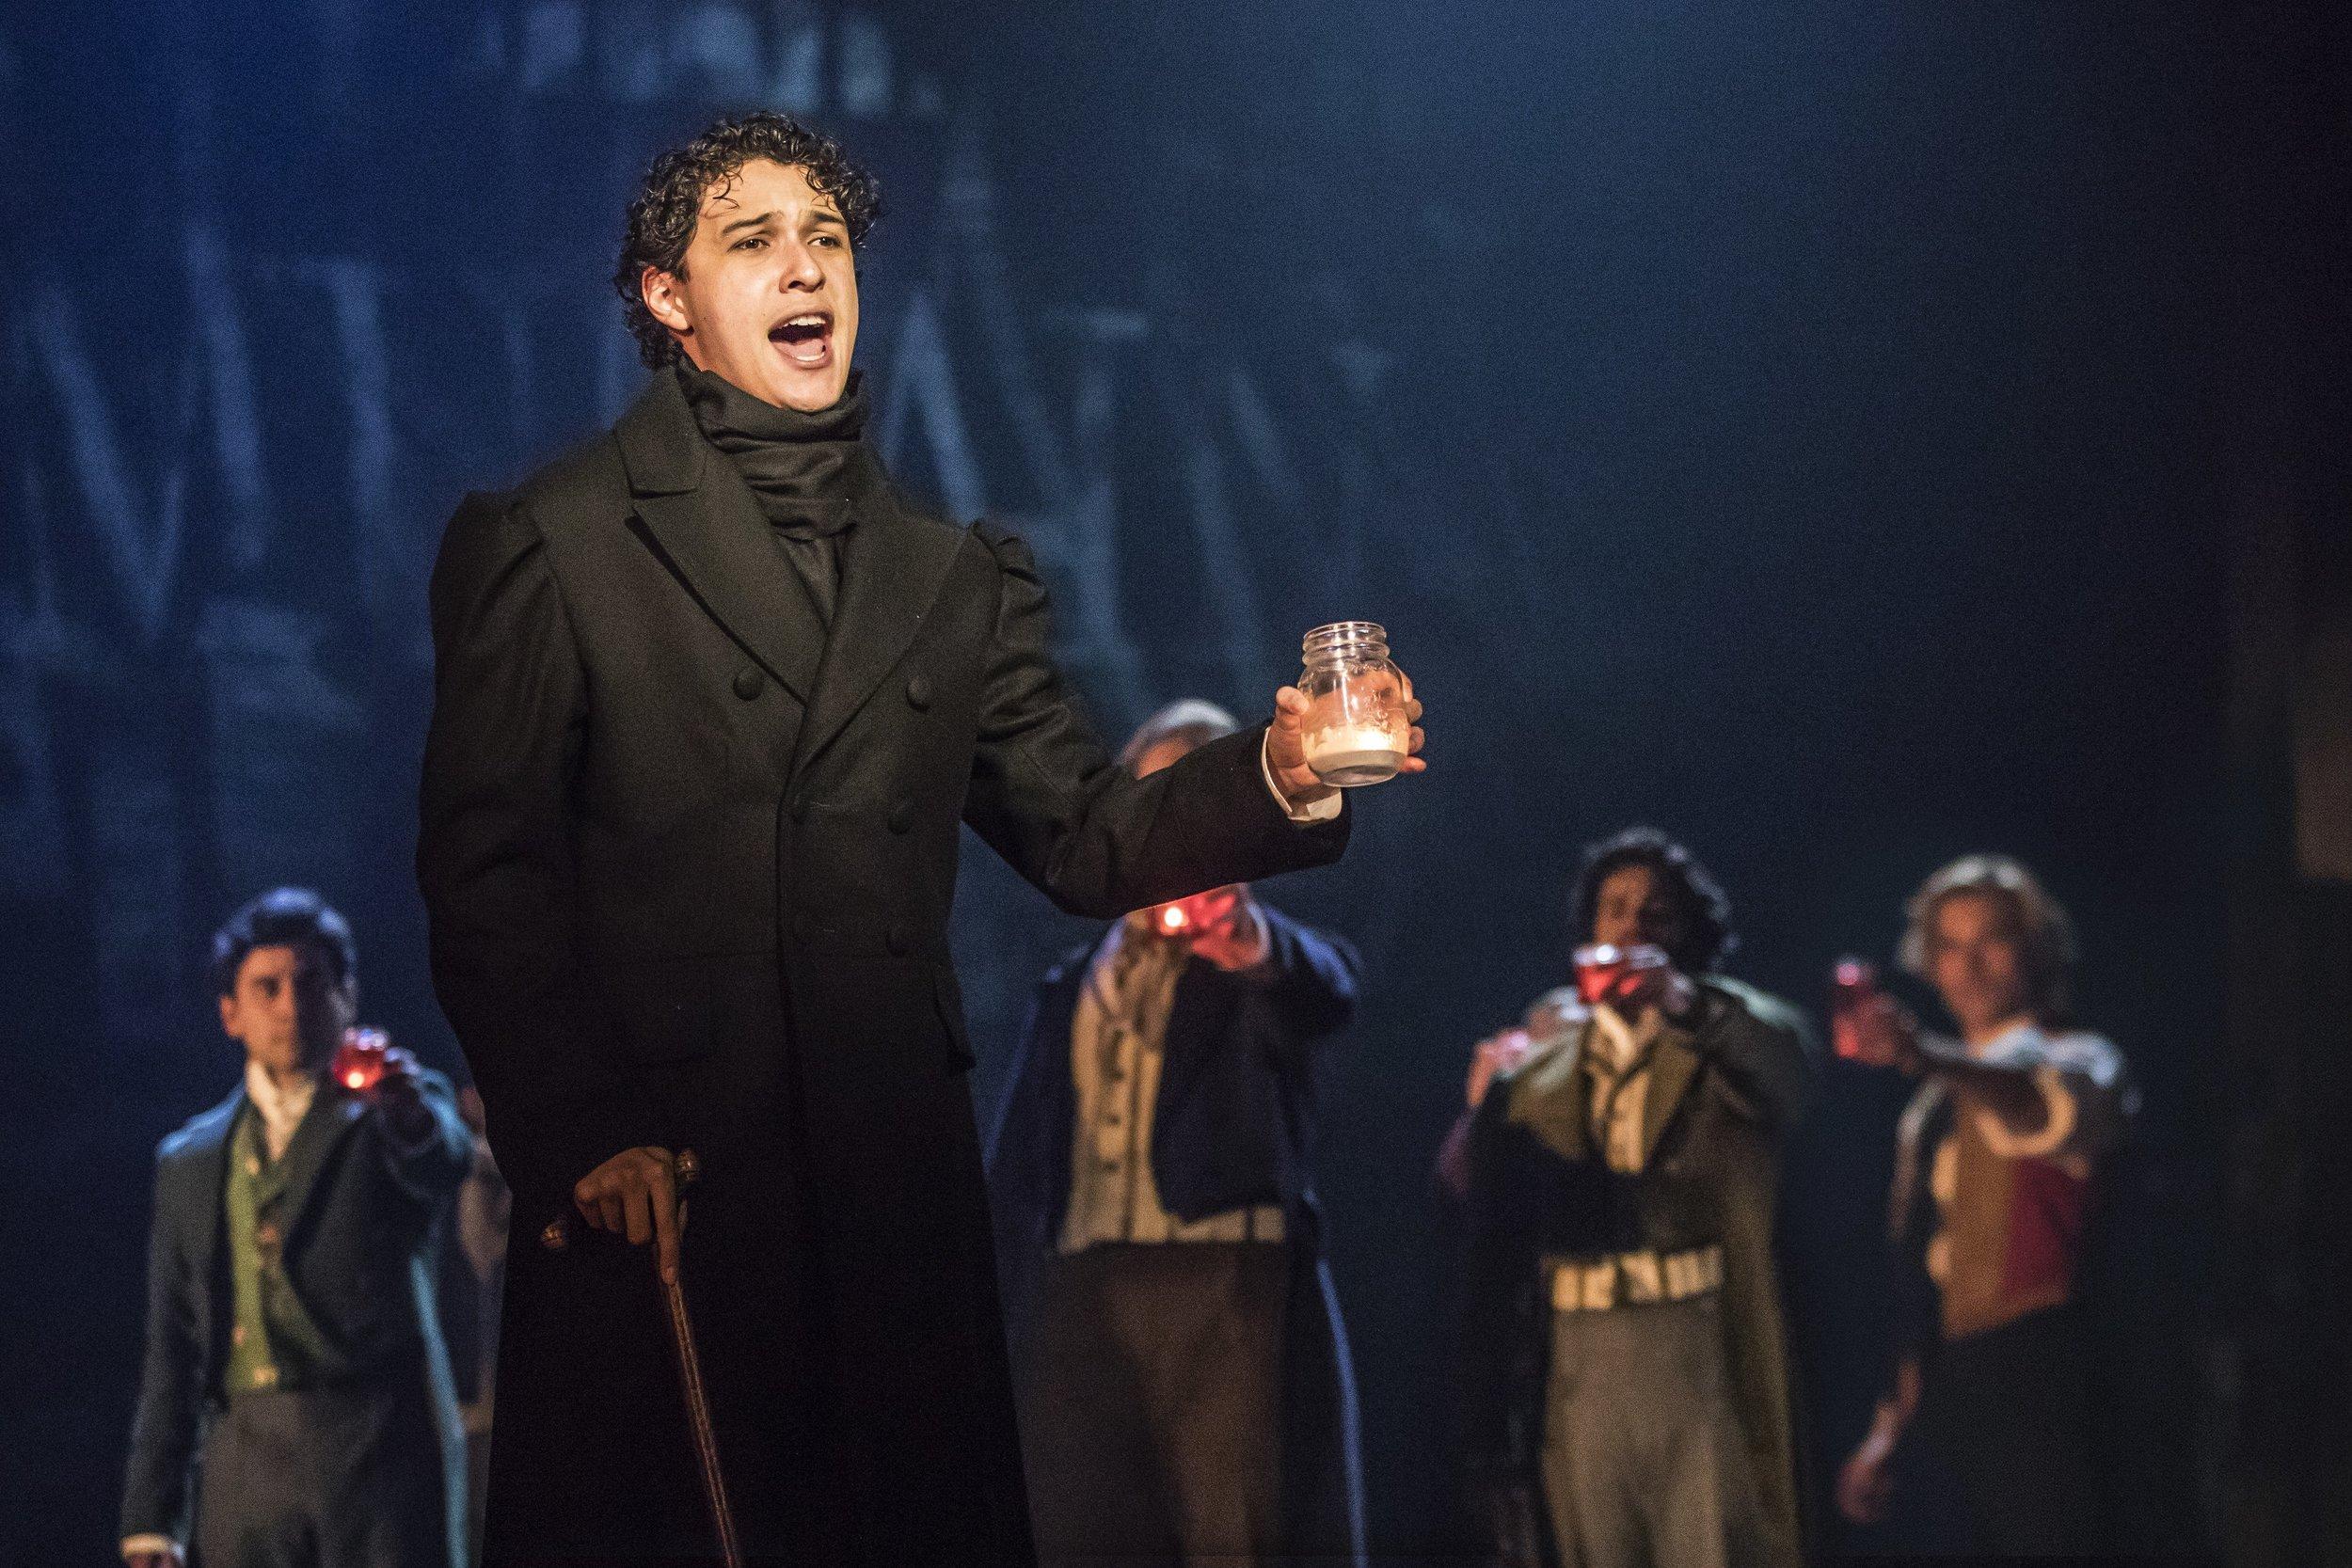 14_LM_TOUR_1794_Joshua Grosso as Marius.jpg